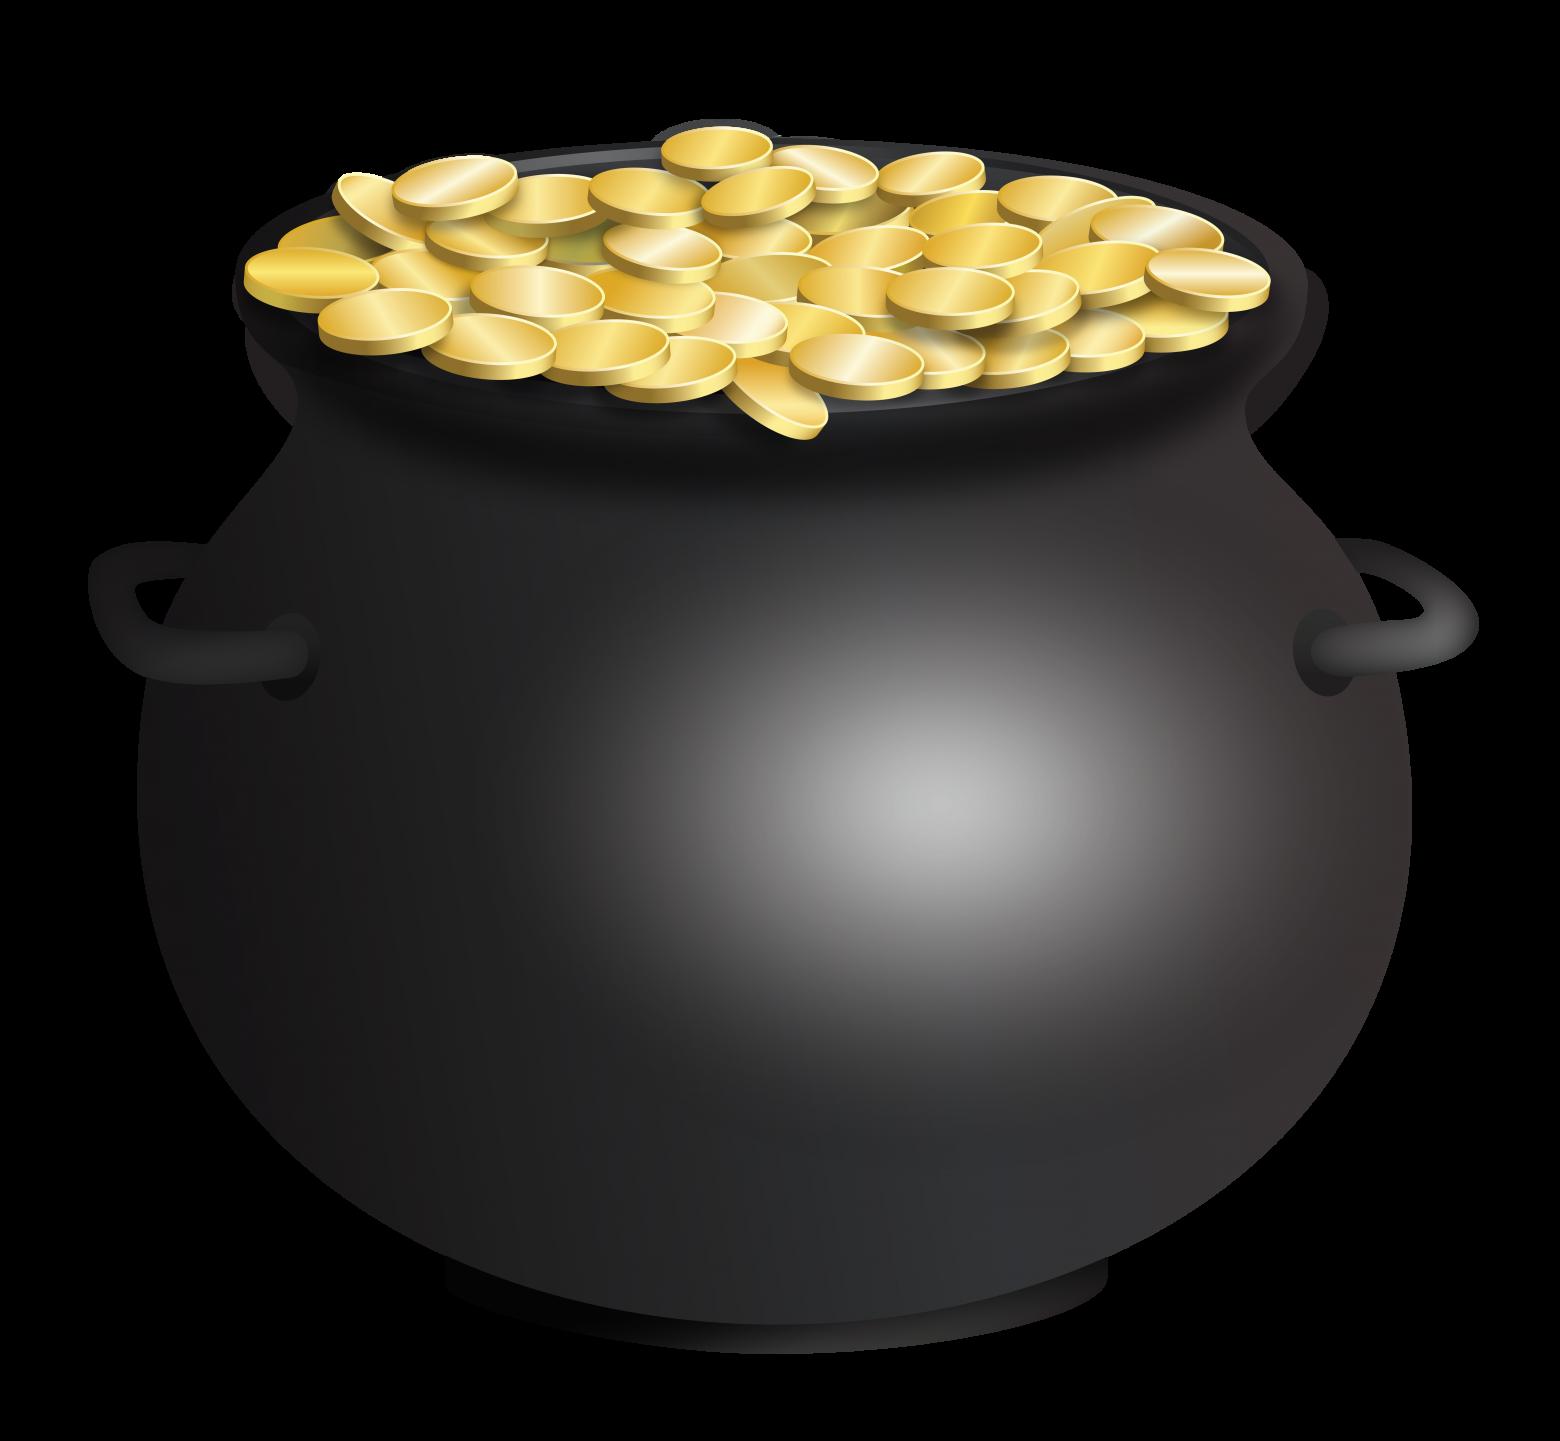 pot-of-gold-2130425